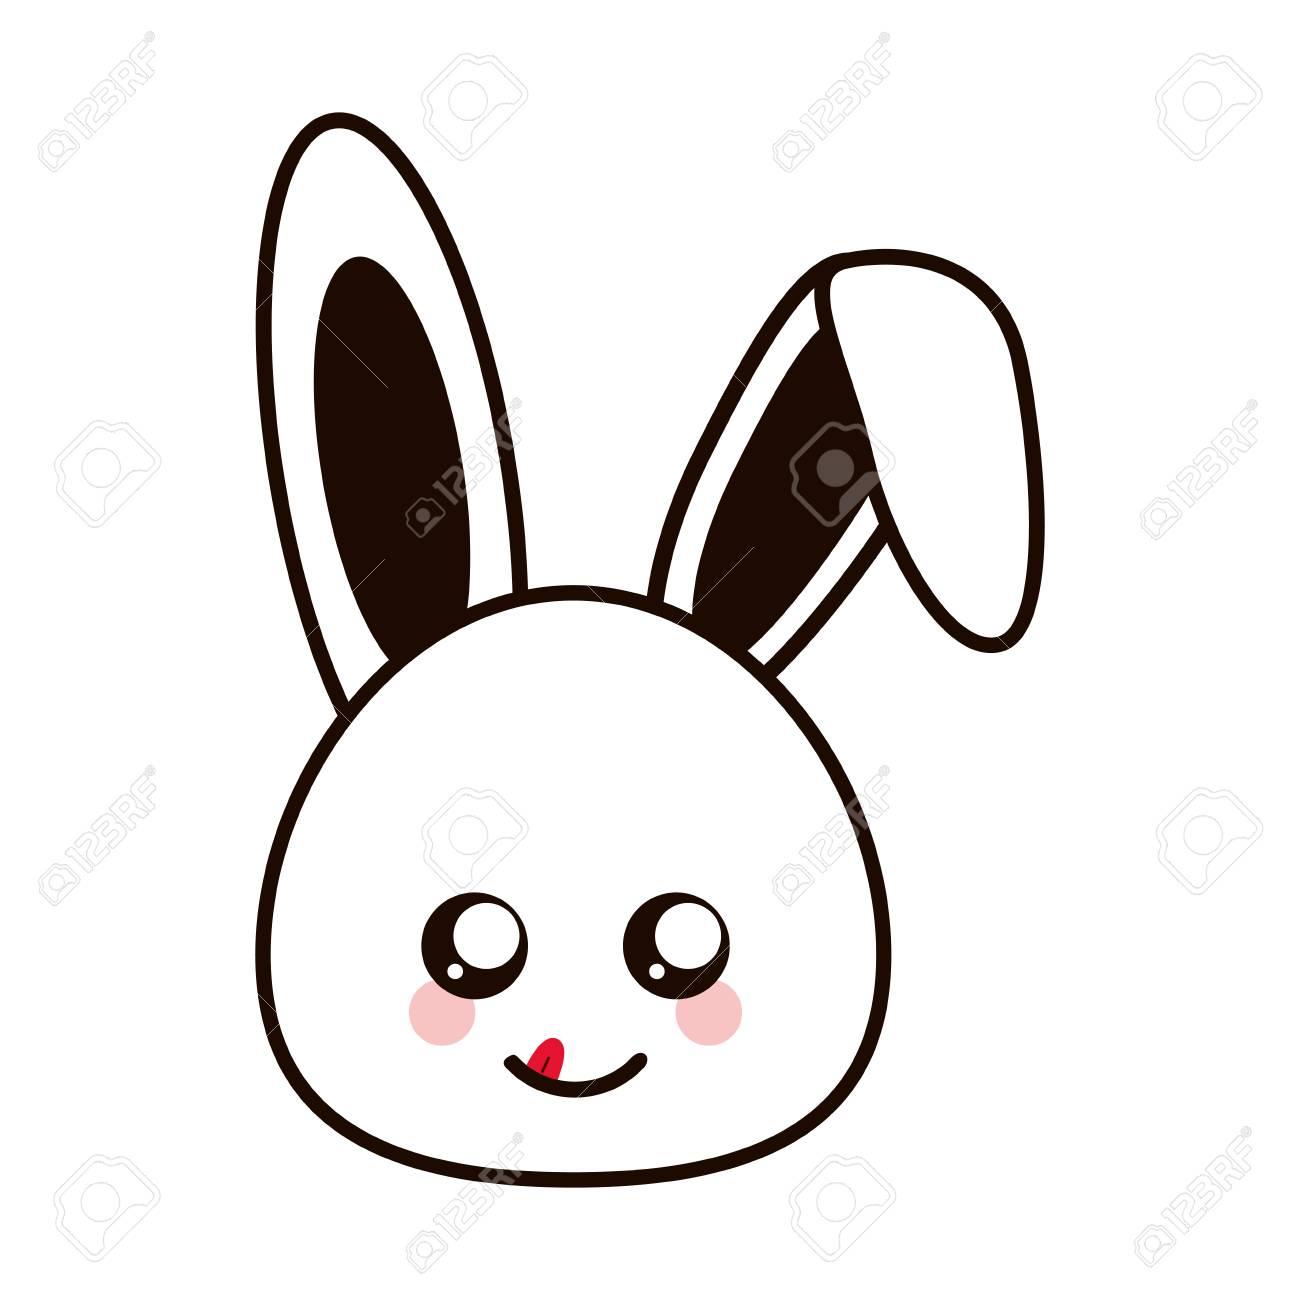 Design Plat Illustration Vectorielle De Lapin Mignon Dessin Anime Clip Art Libres De Droits Vecteurs Et Illustration Image 61748495